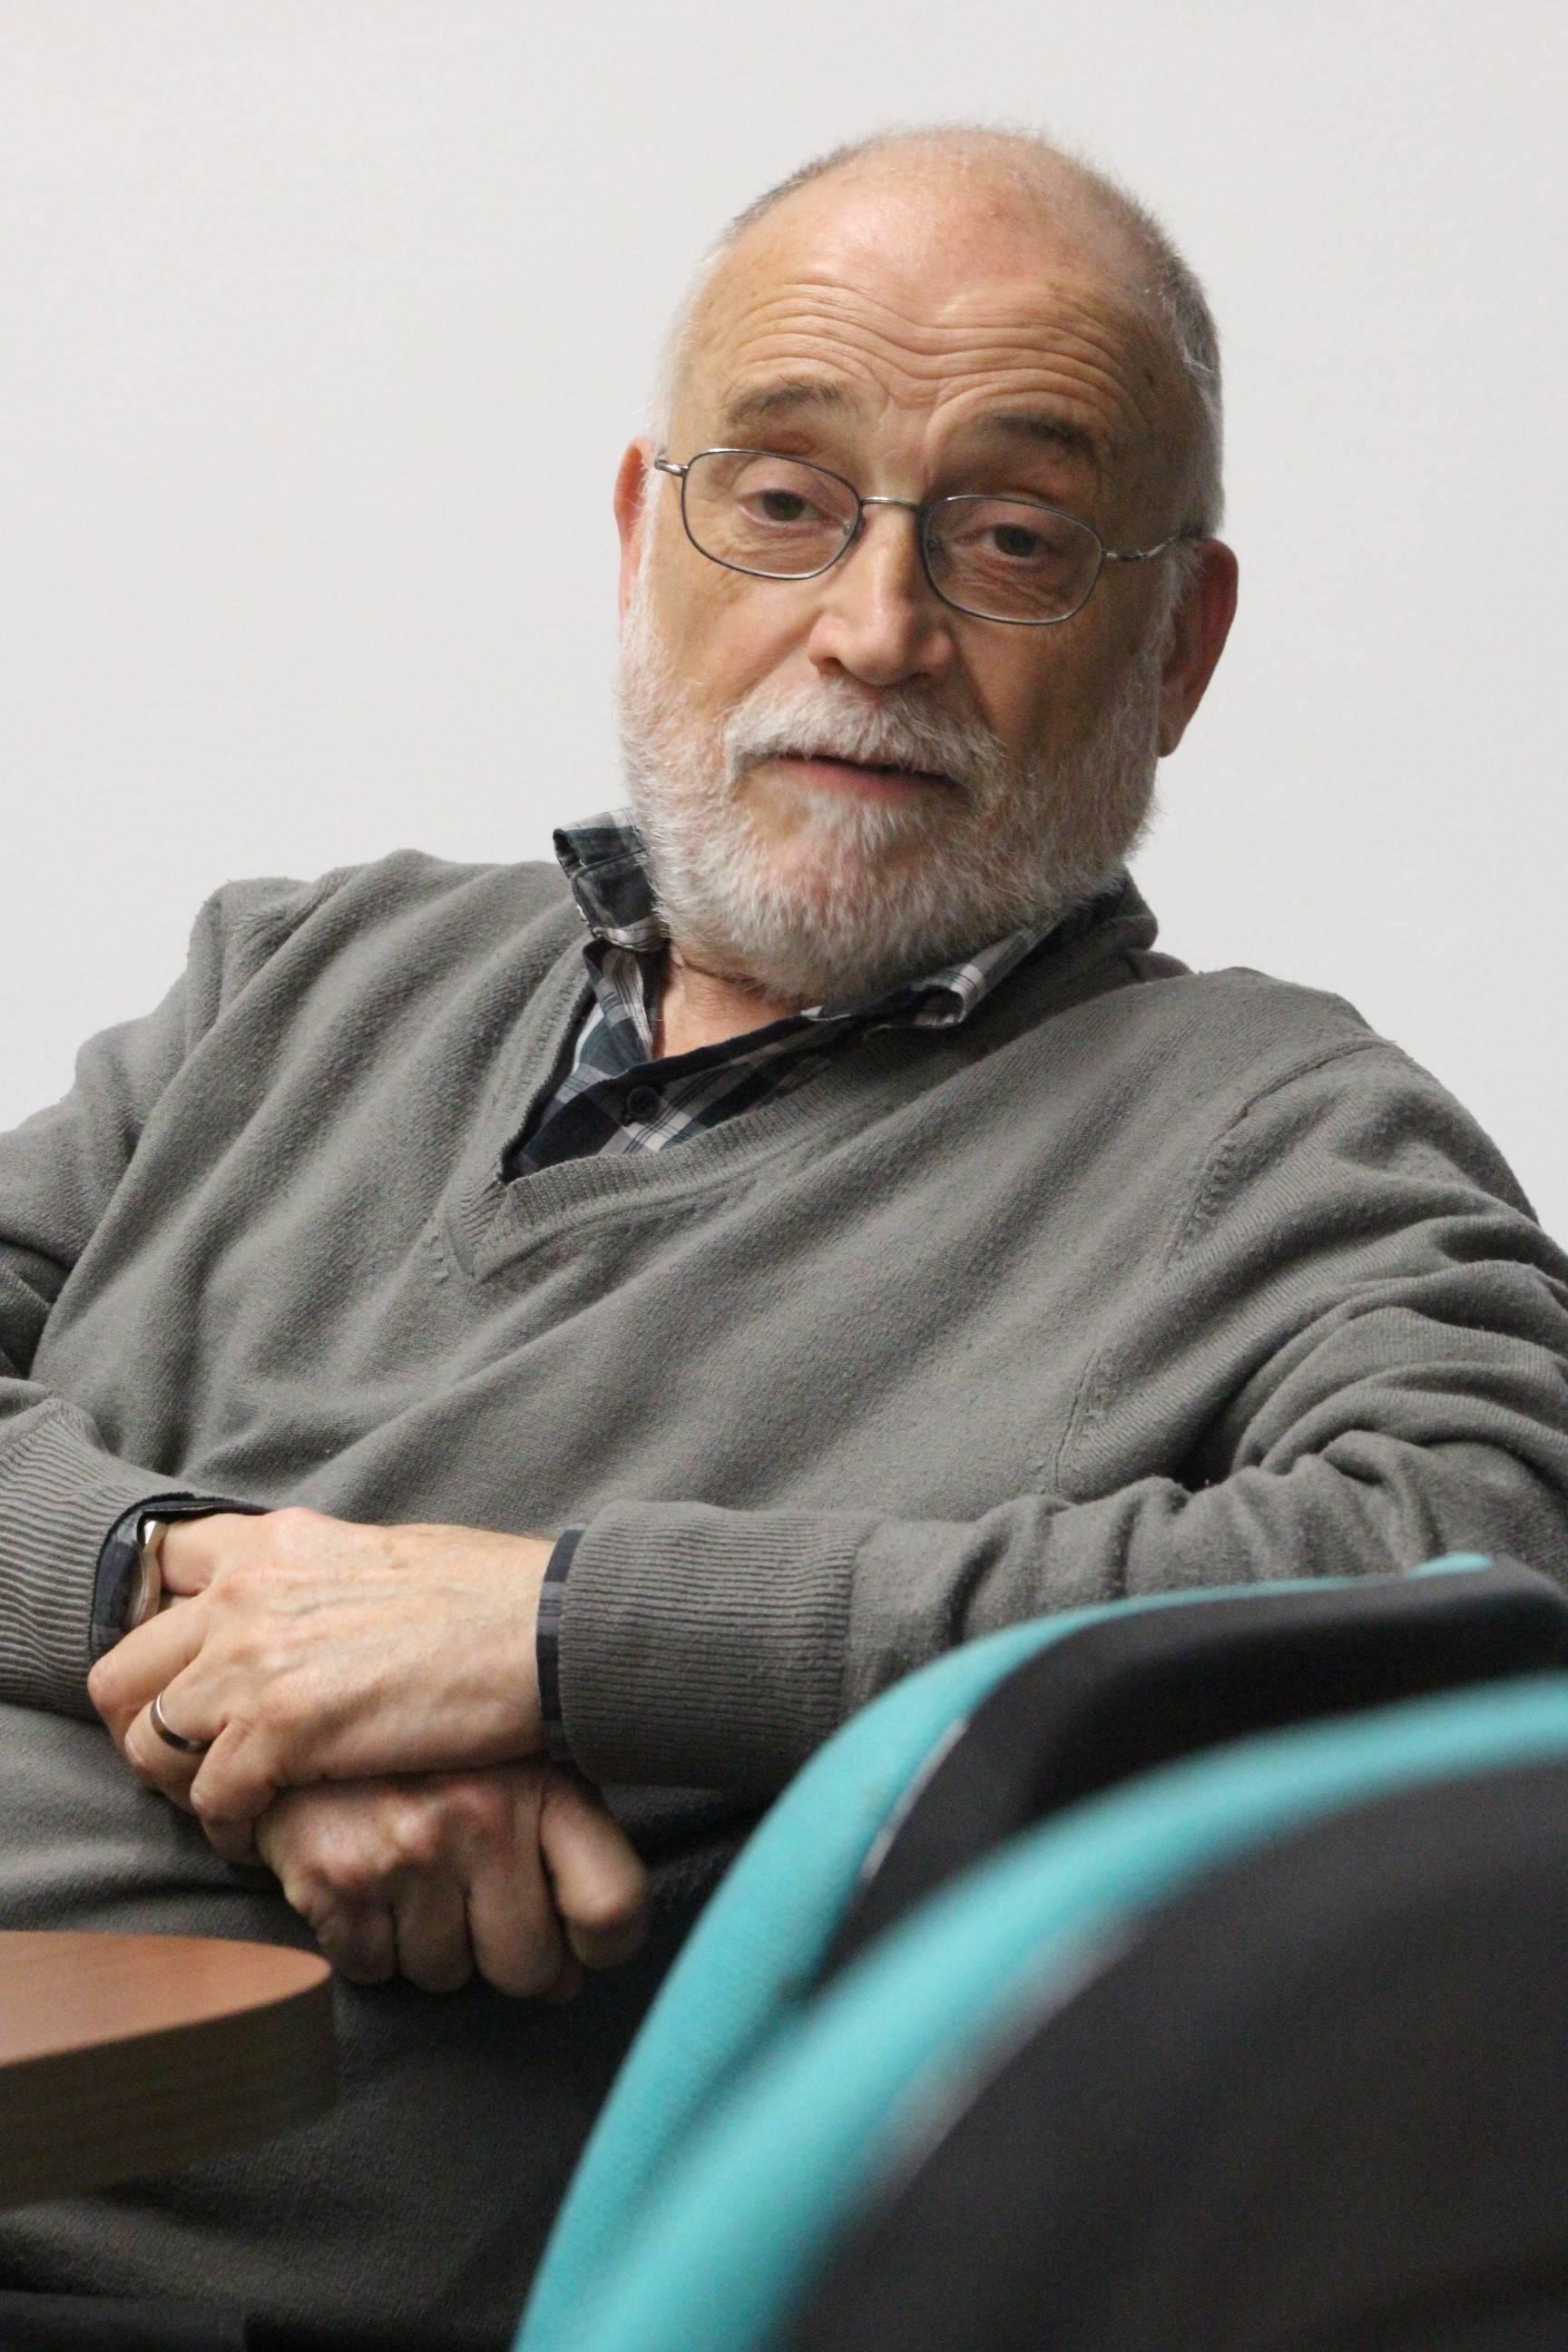 Oliveres, durante la conversación con Negra Tinta. Pablo Sierra